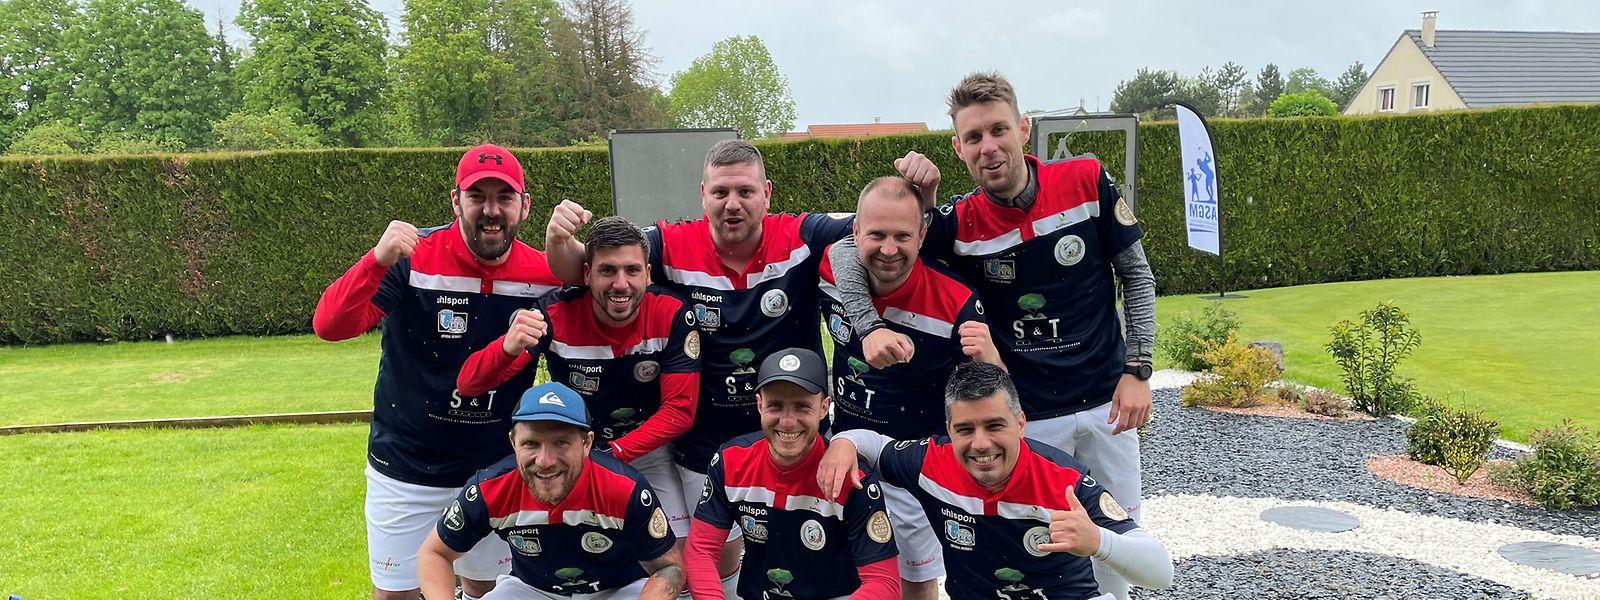 Der Luxembourg Footgolf Club überzeugte in der Coupe de France.